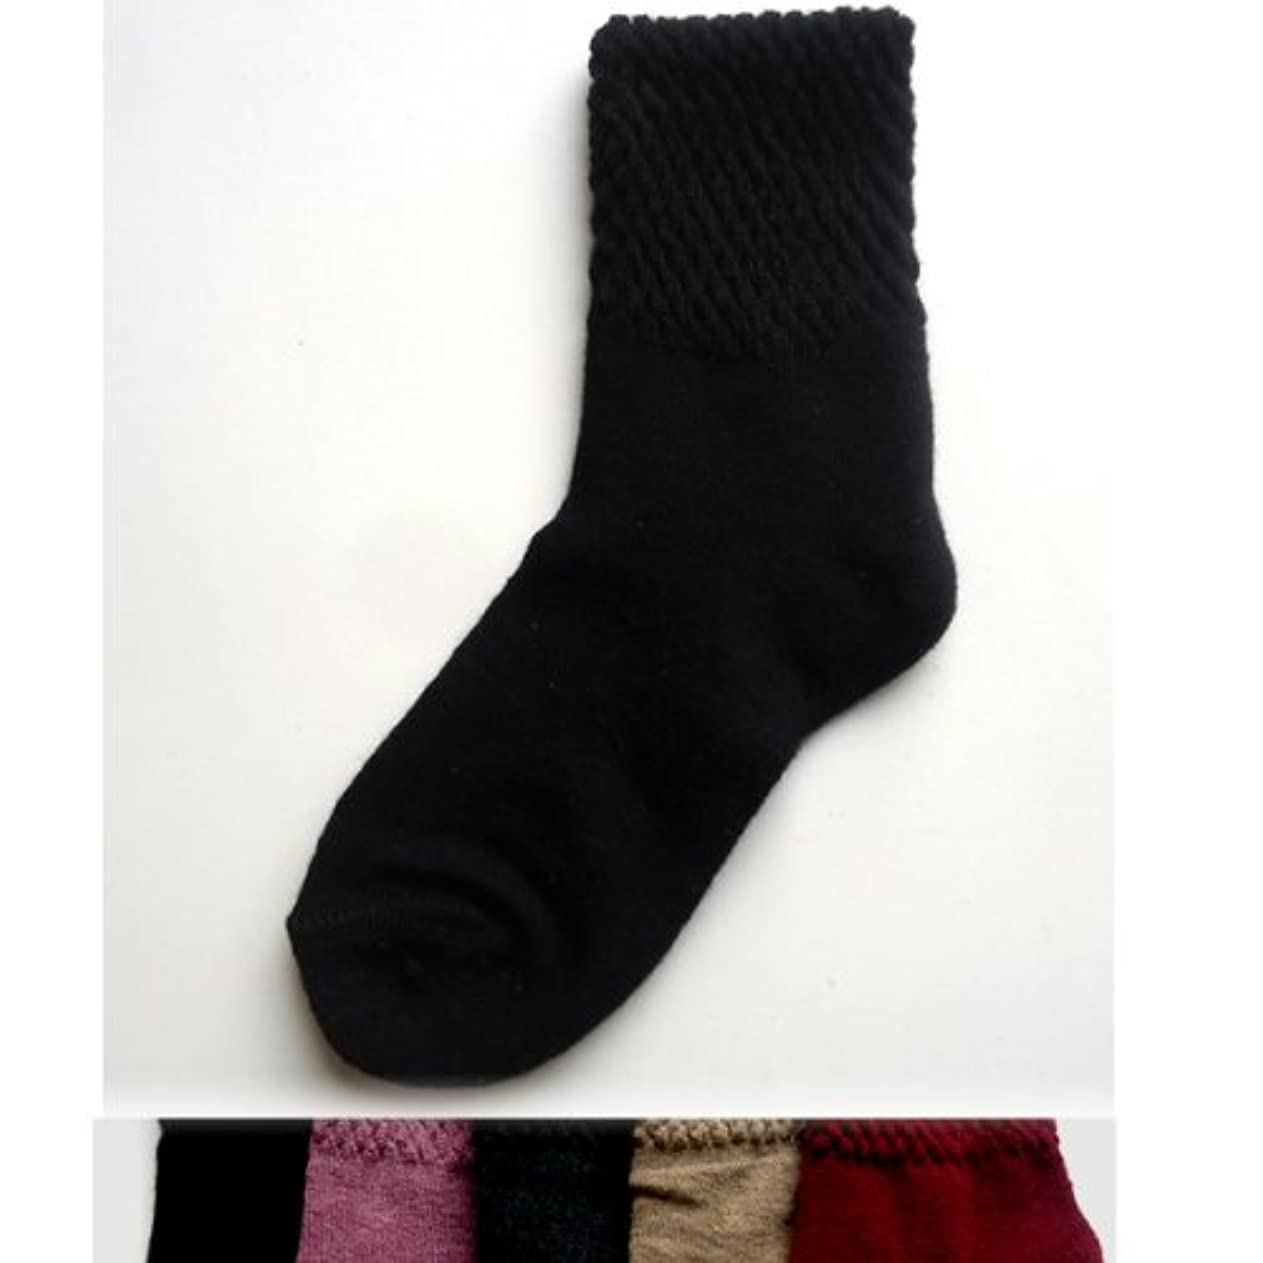 実証する受益者人道的靴下 あったか シルク混 二重編みパイナップルソックス 厚手 22~24cm お買得4足組(色はお任せ)